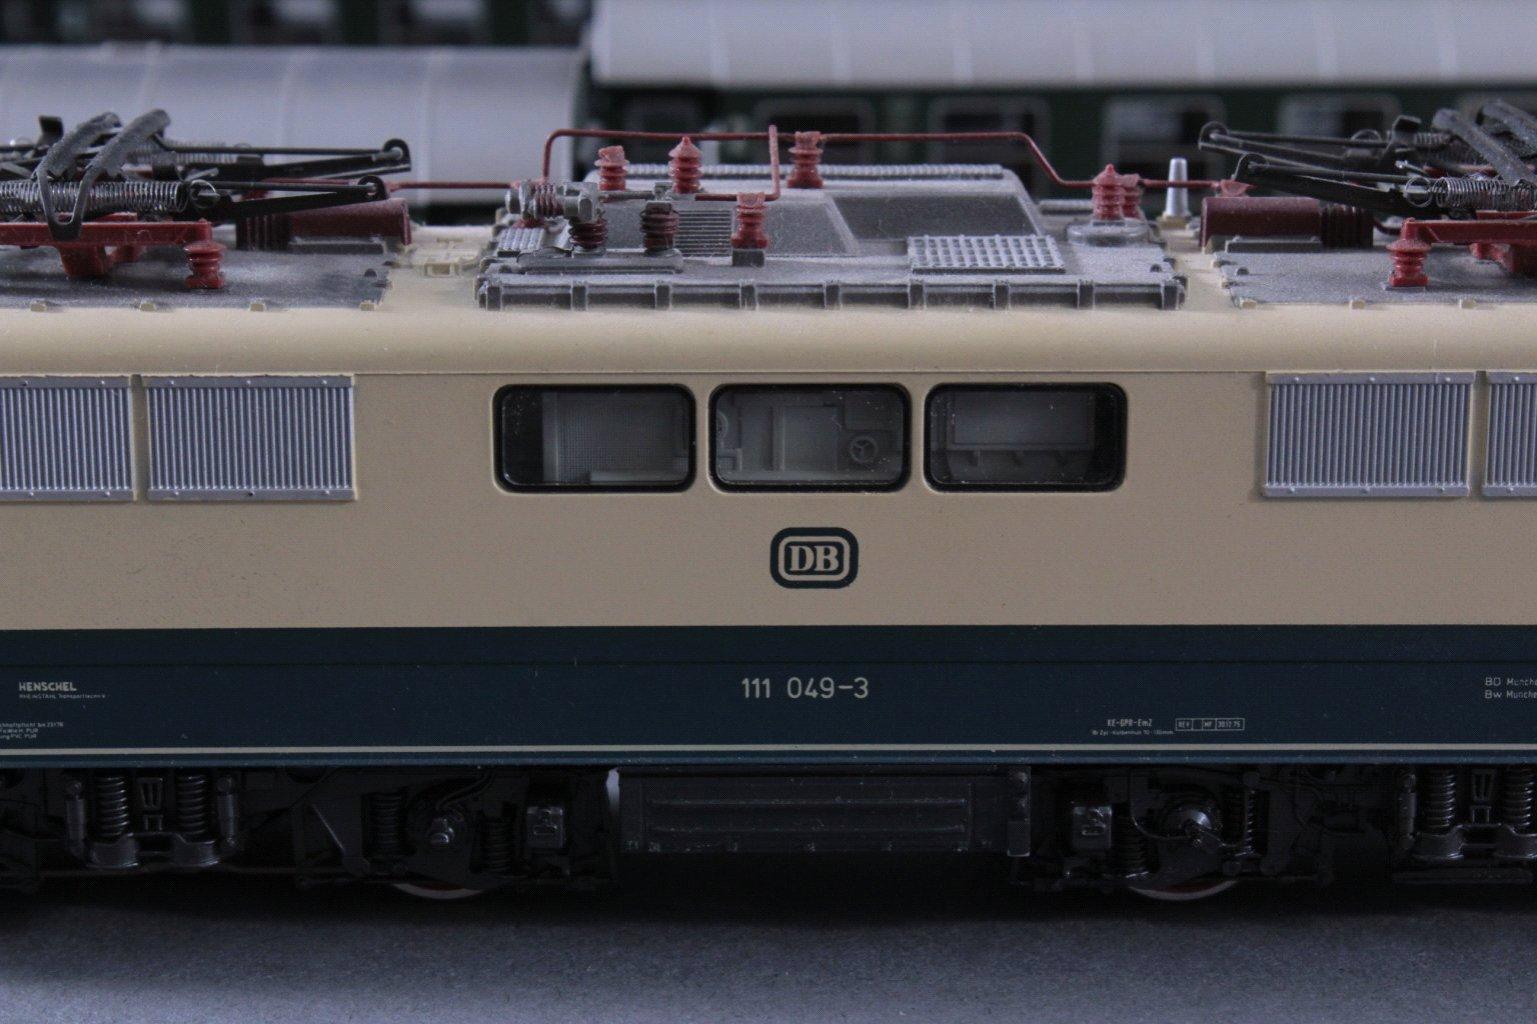 Märklin H0 3642 E-Lok Baureihe 111 049-3 DB in beige mit-2